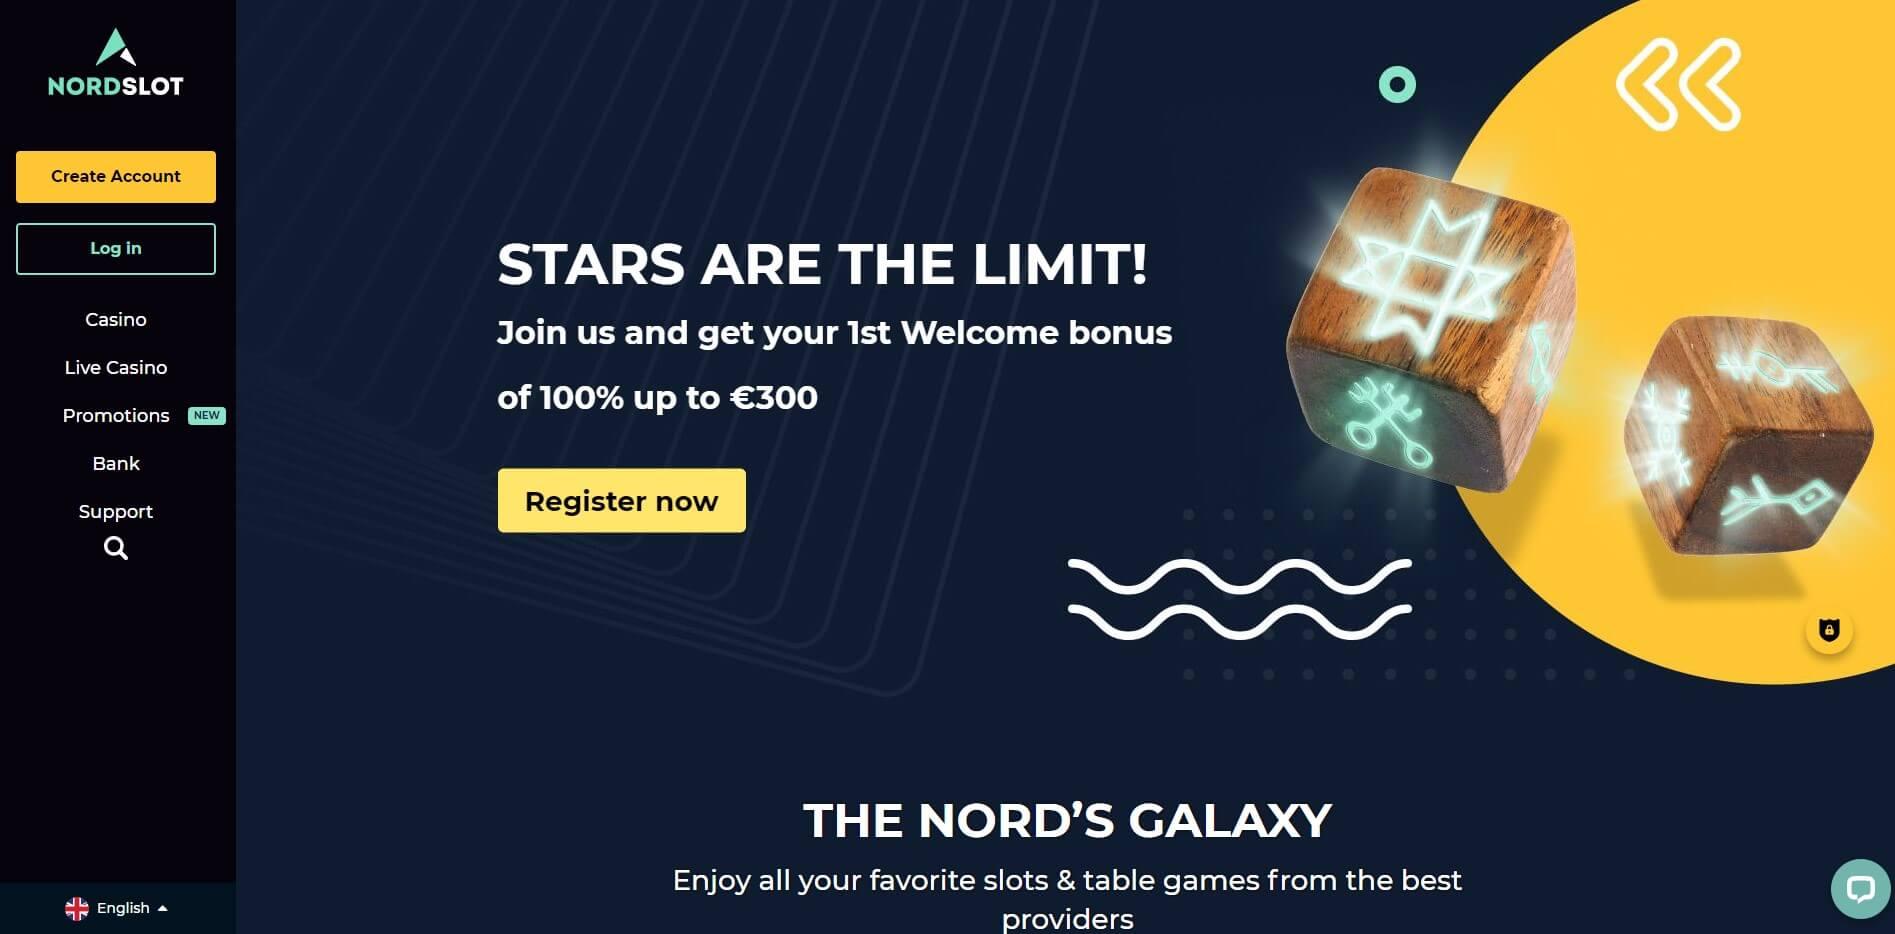 nordslot.com - Website Review